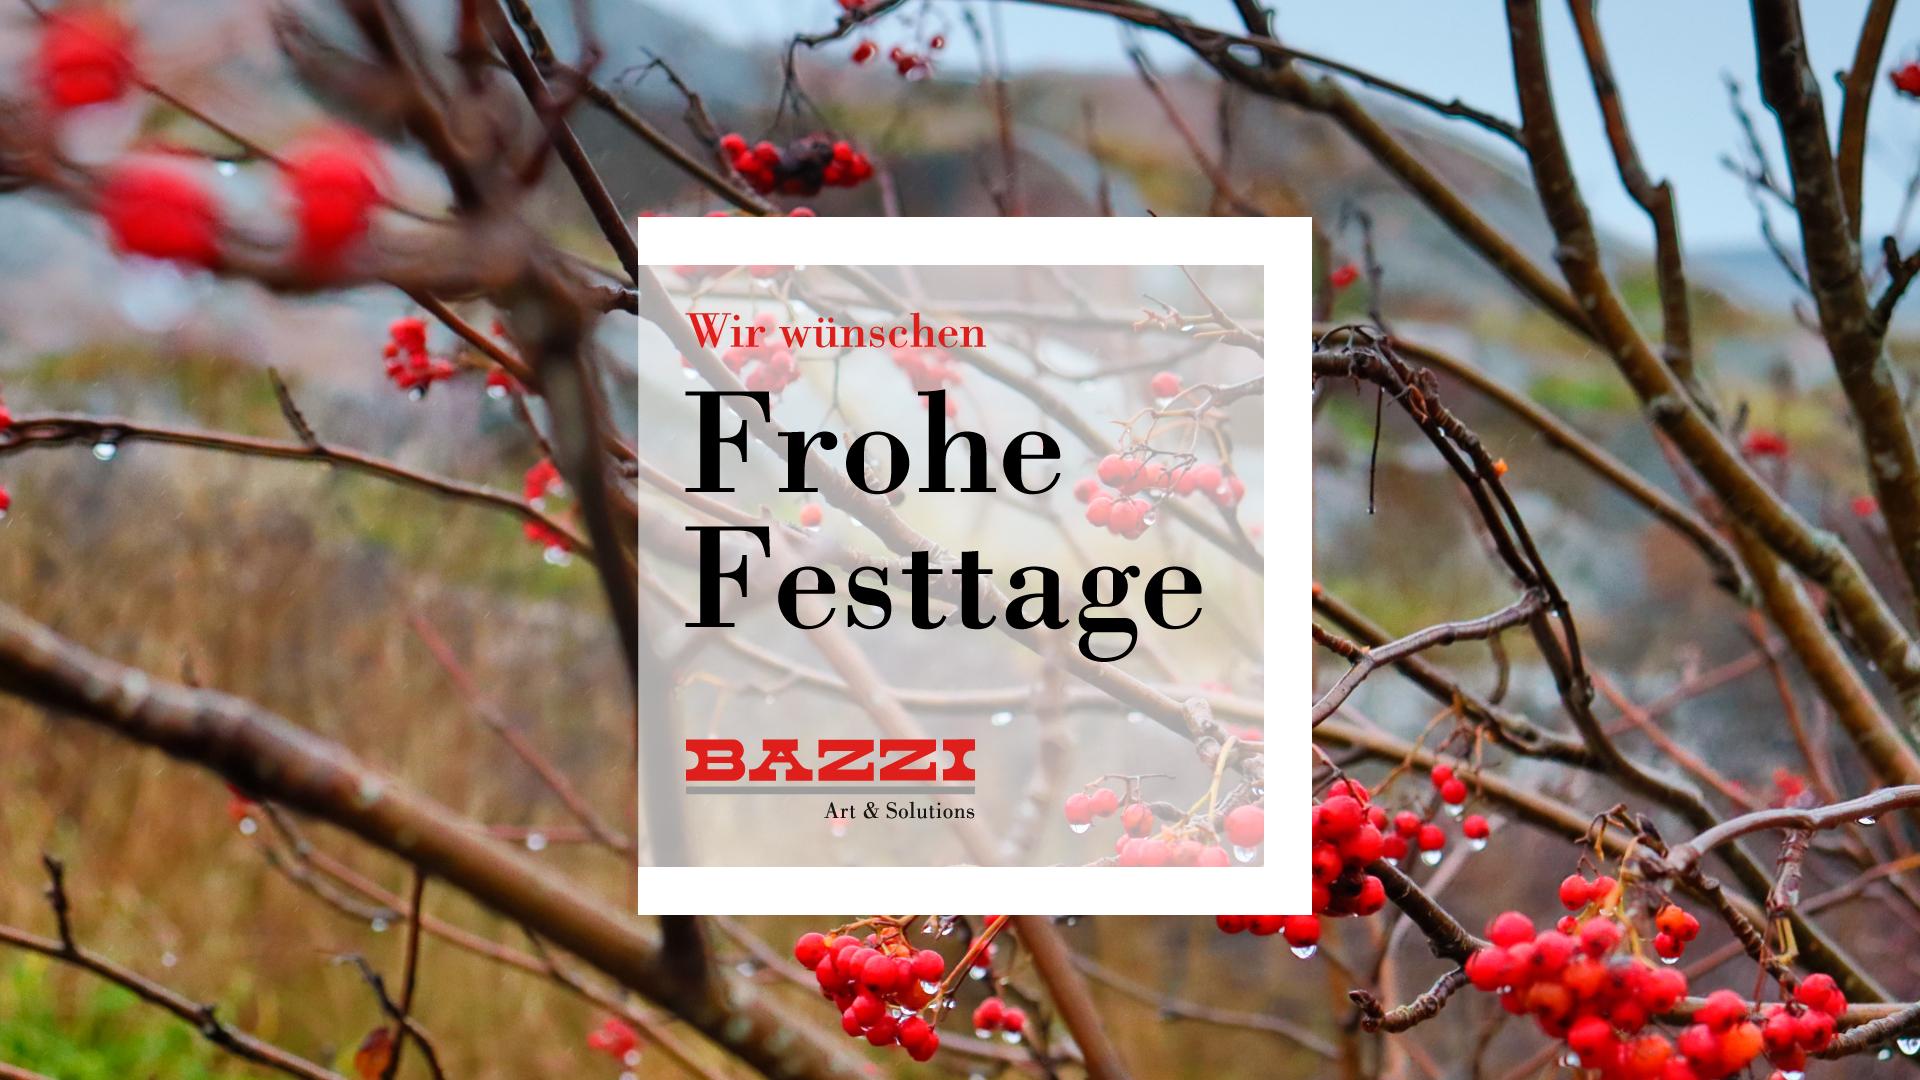 Wir wünschen FROHE FESTTAGE